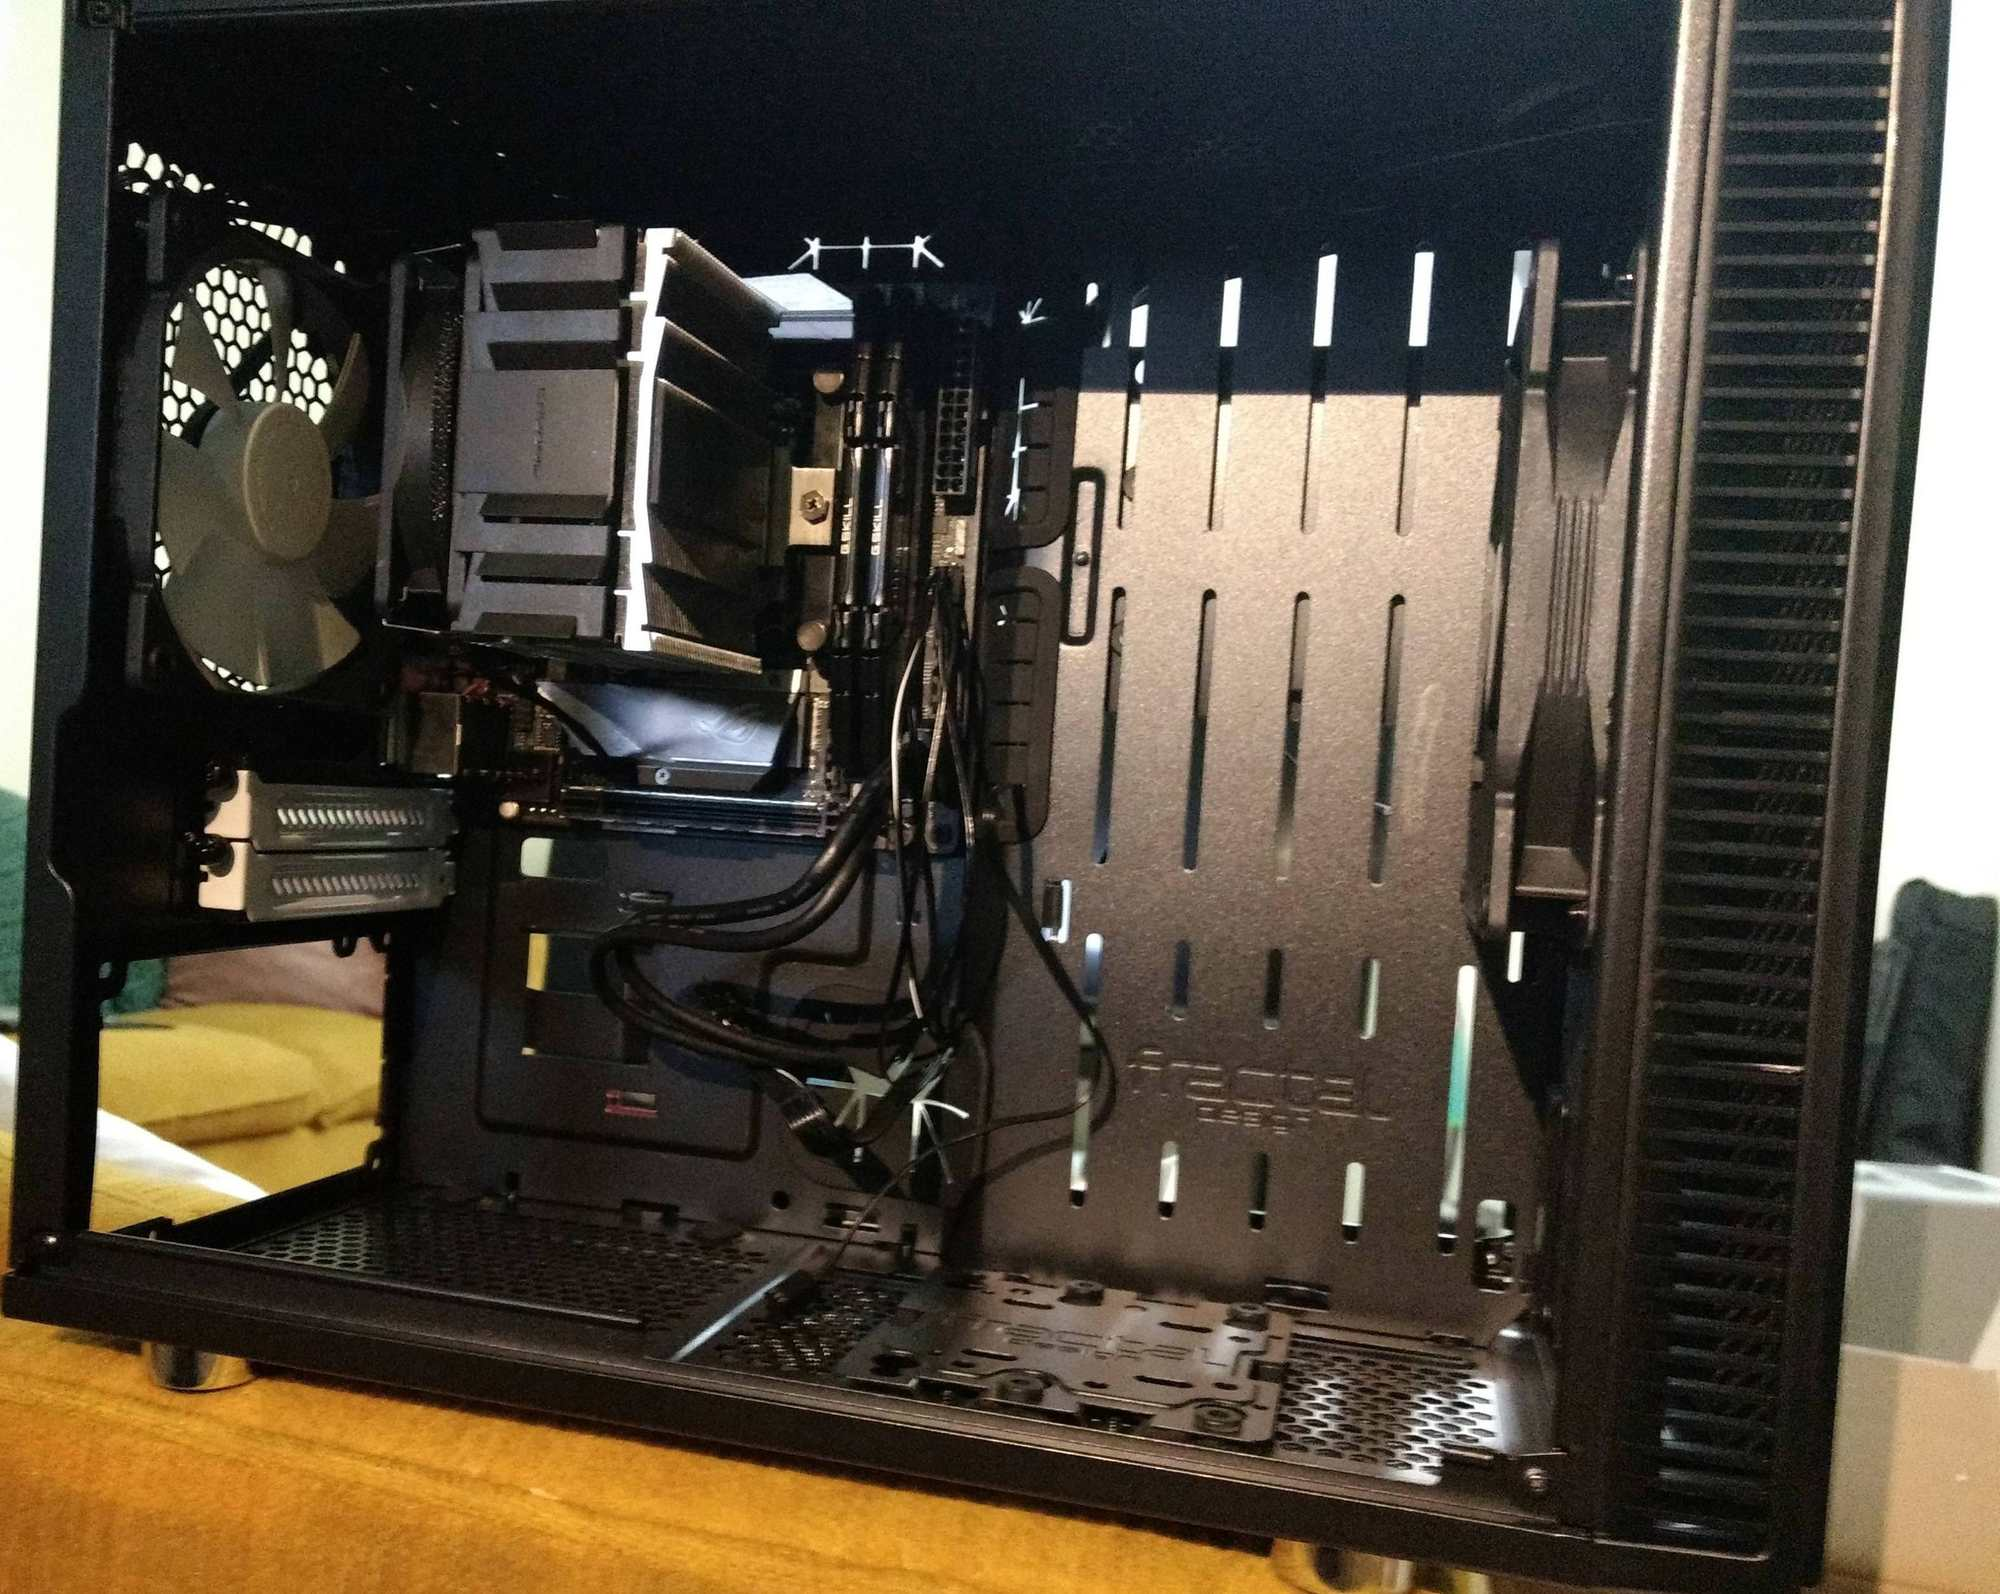 $3500 CAD Mini-ITX gaming build | [H]ard|Forum